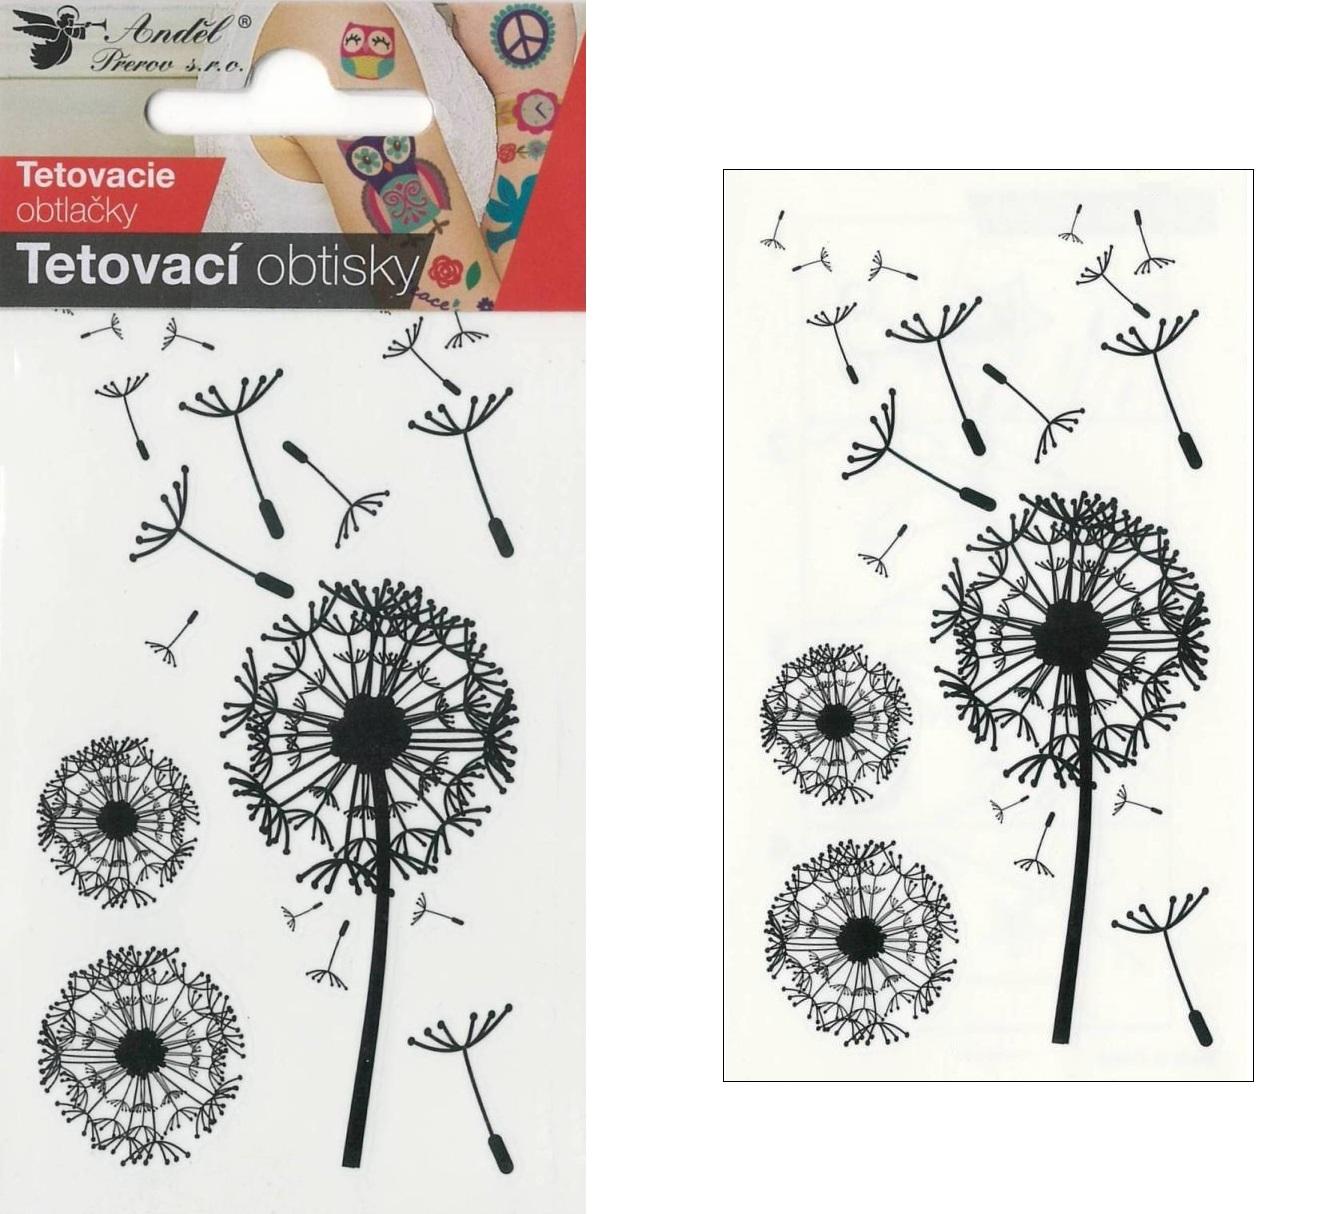 Obtisky tetovací 10,5x6 cm- pampelišky